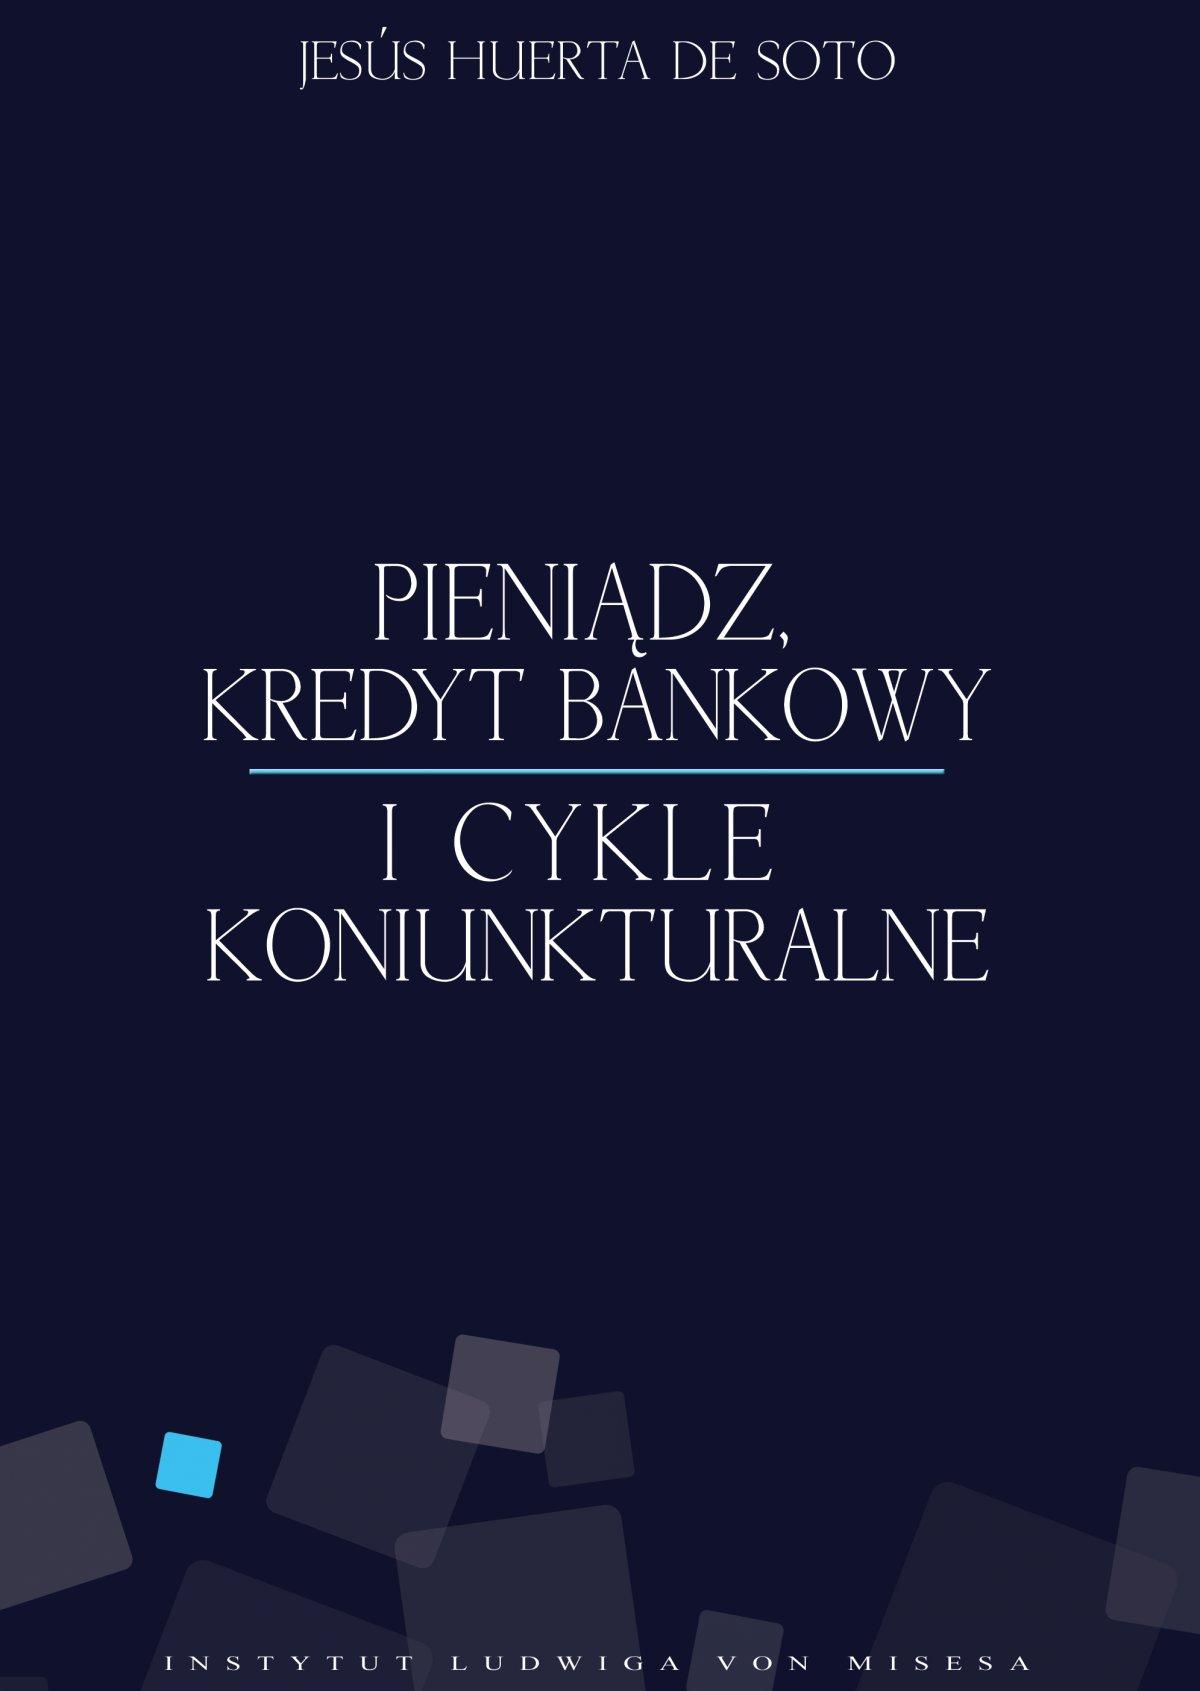 Pieniądz, kredyt bankowy i cykle koniunkturalne - Ebook (Książka PDF) do pobrania w formacie PDF